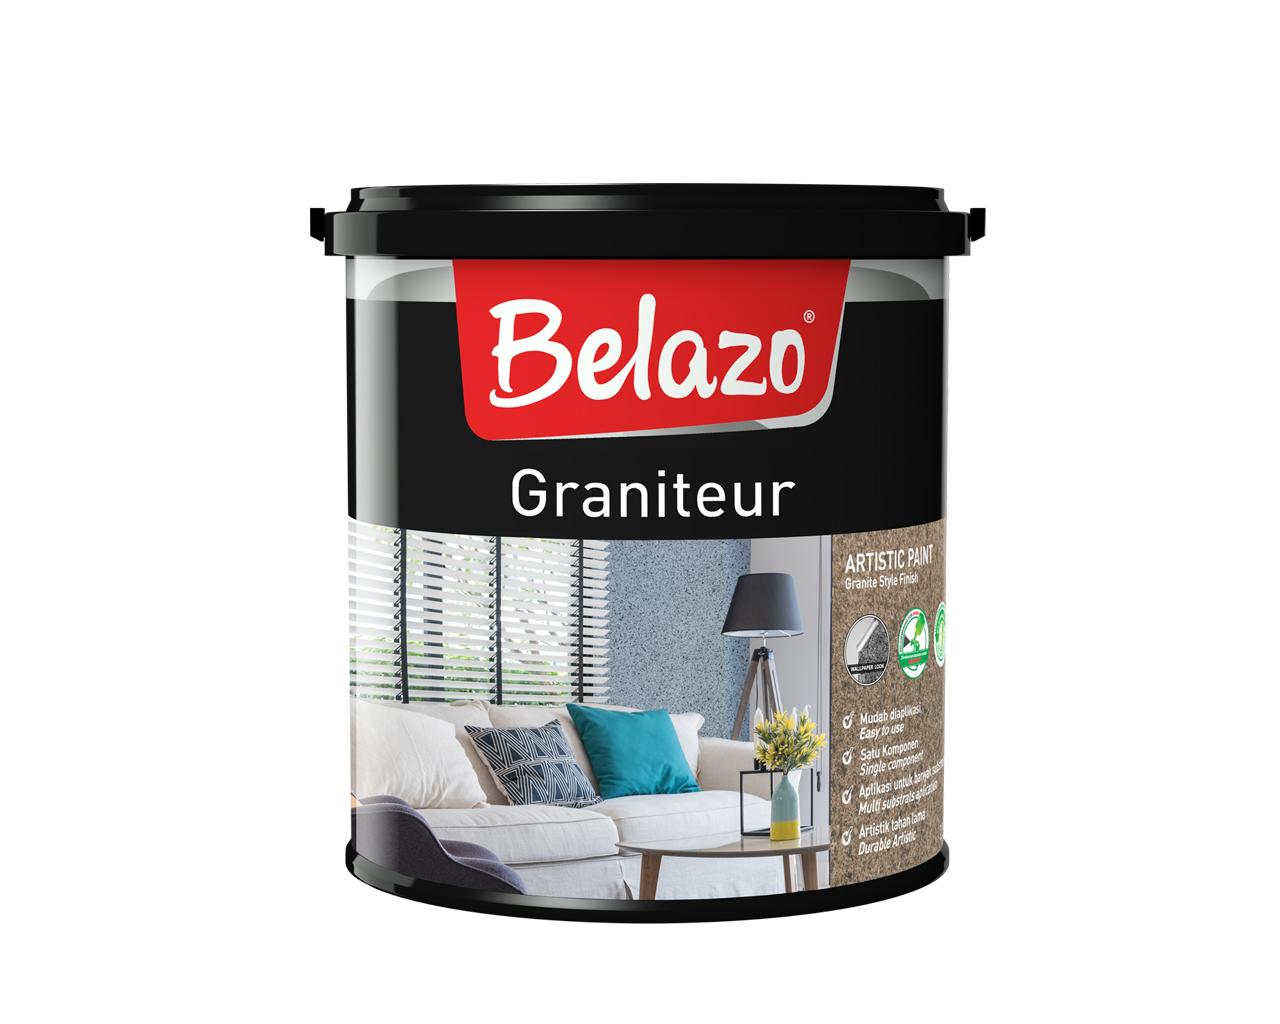 iBelazoi Graniteur Toko iCati Citra iWarnai